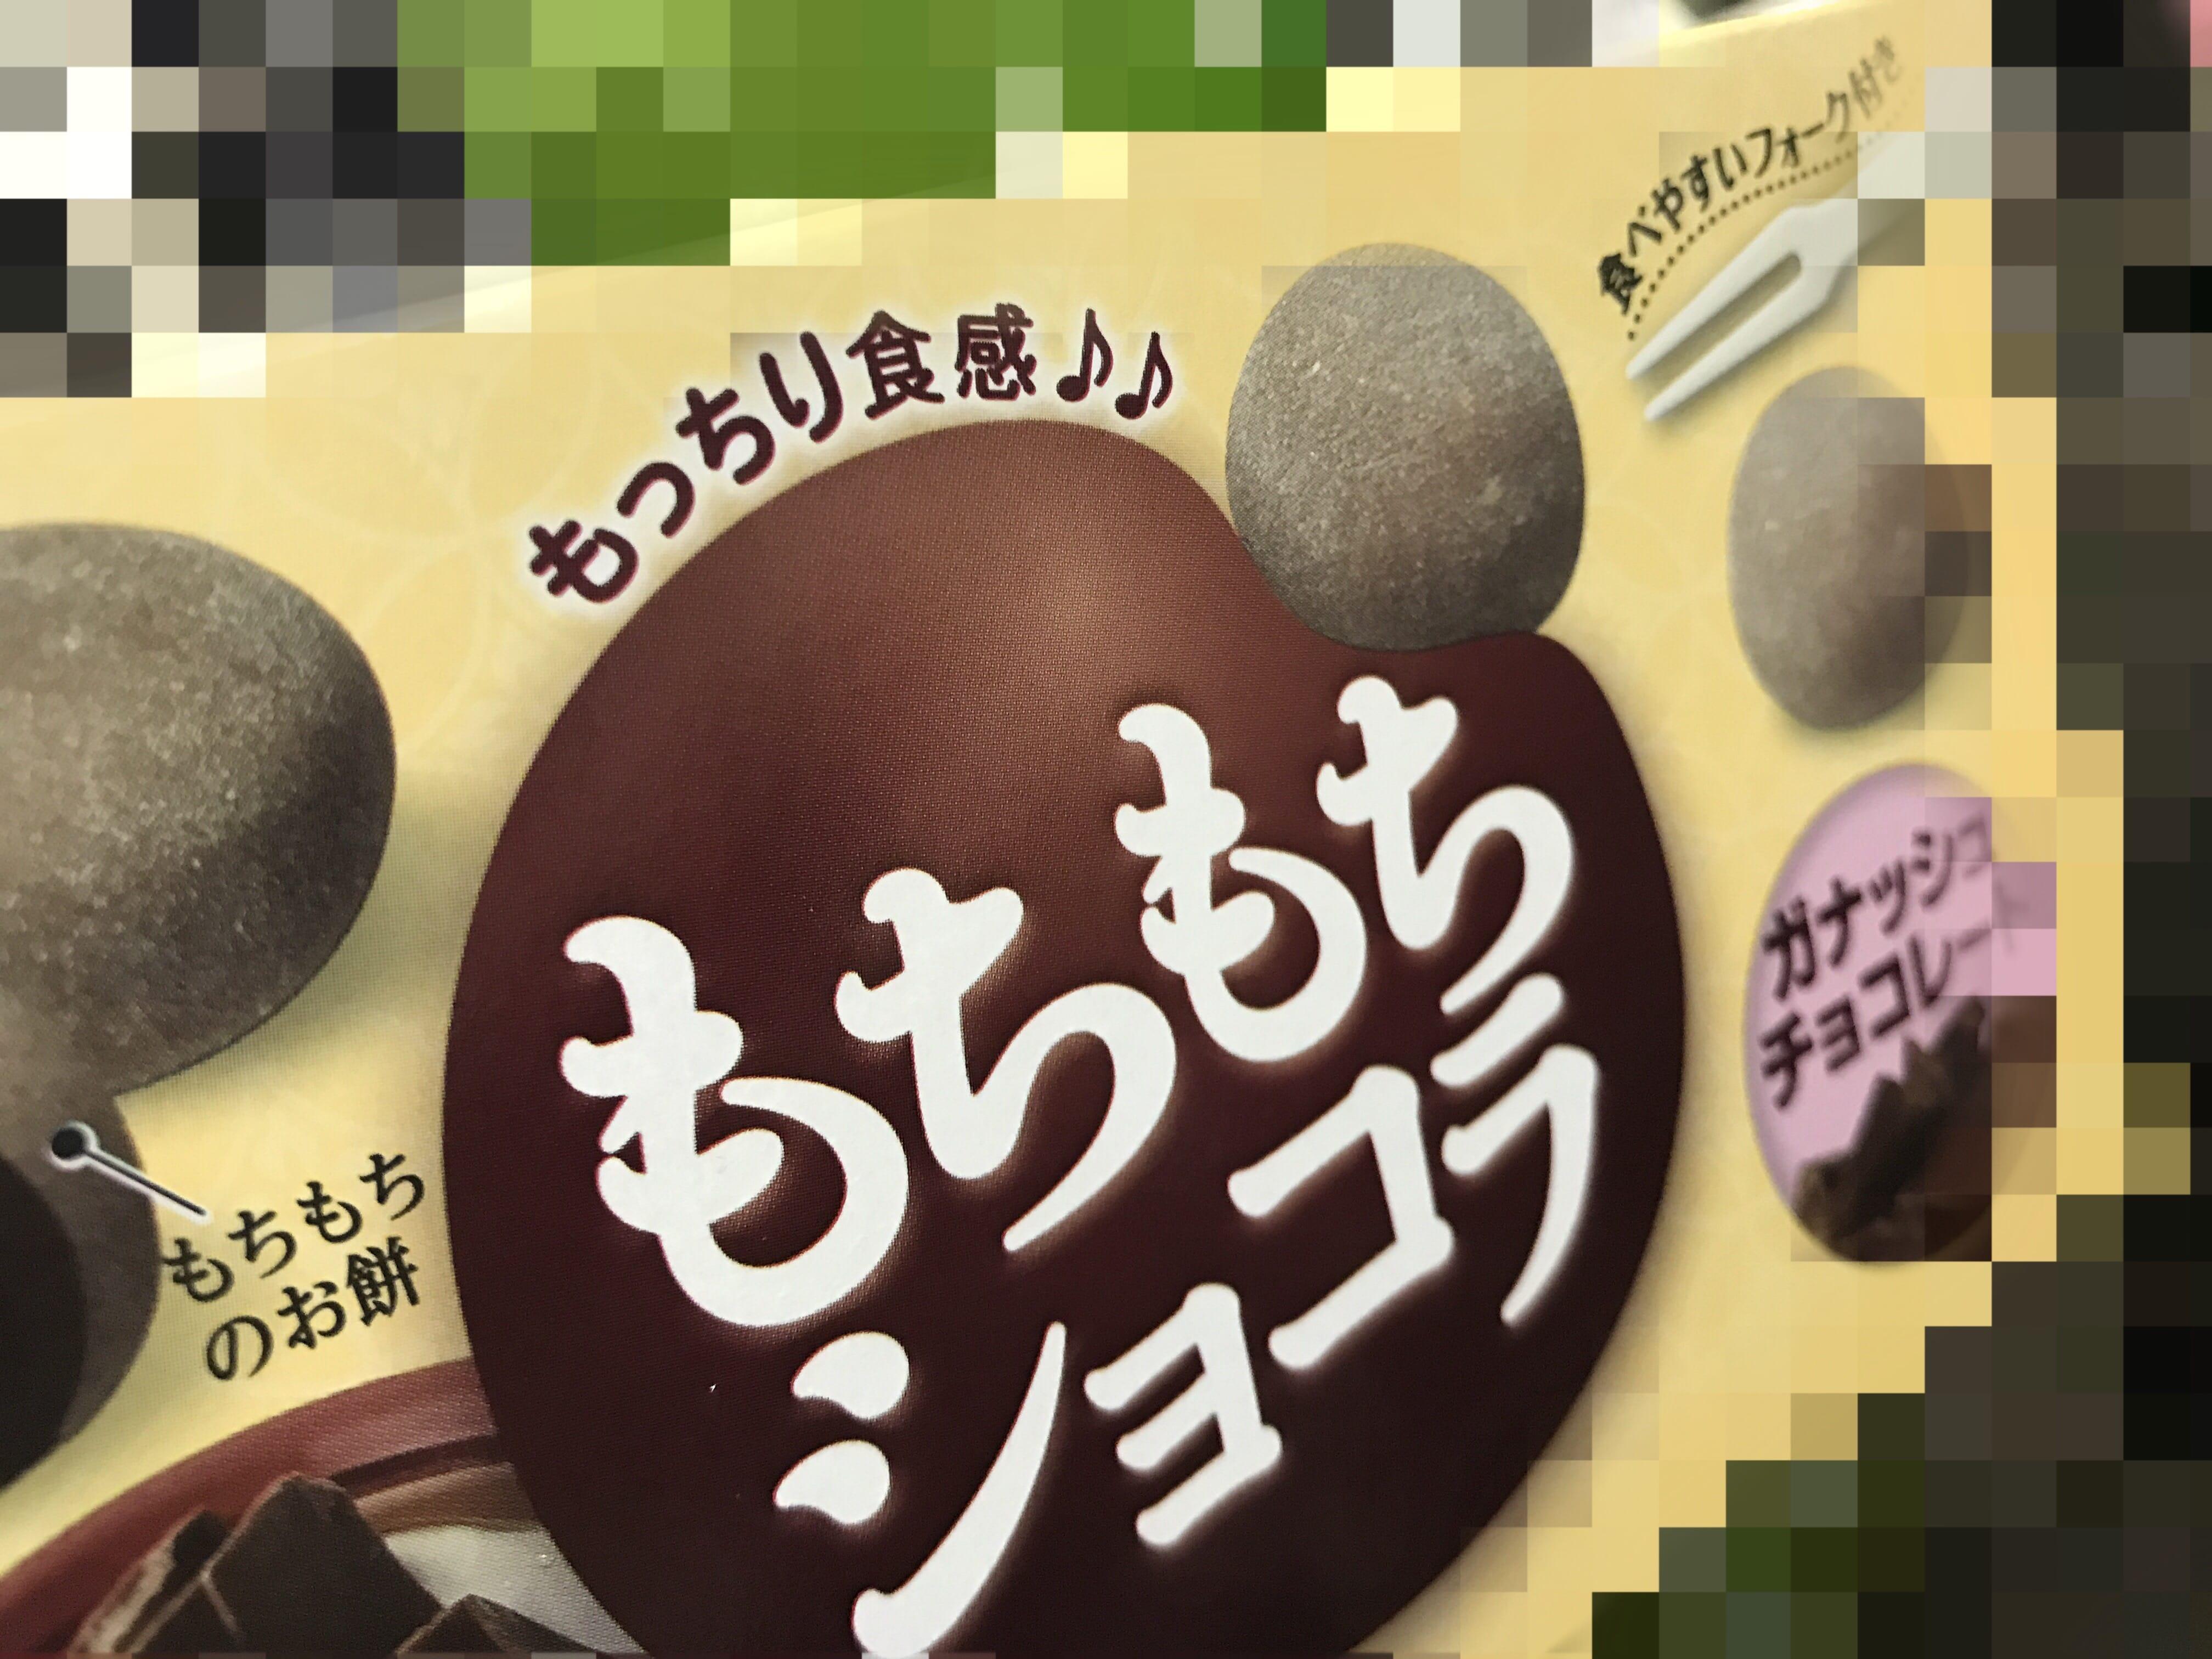 「こんばんは(*´ω`*)」09/20(水) 22:10   体験 みのりの写メ・風俗動画